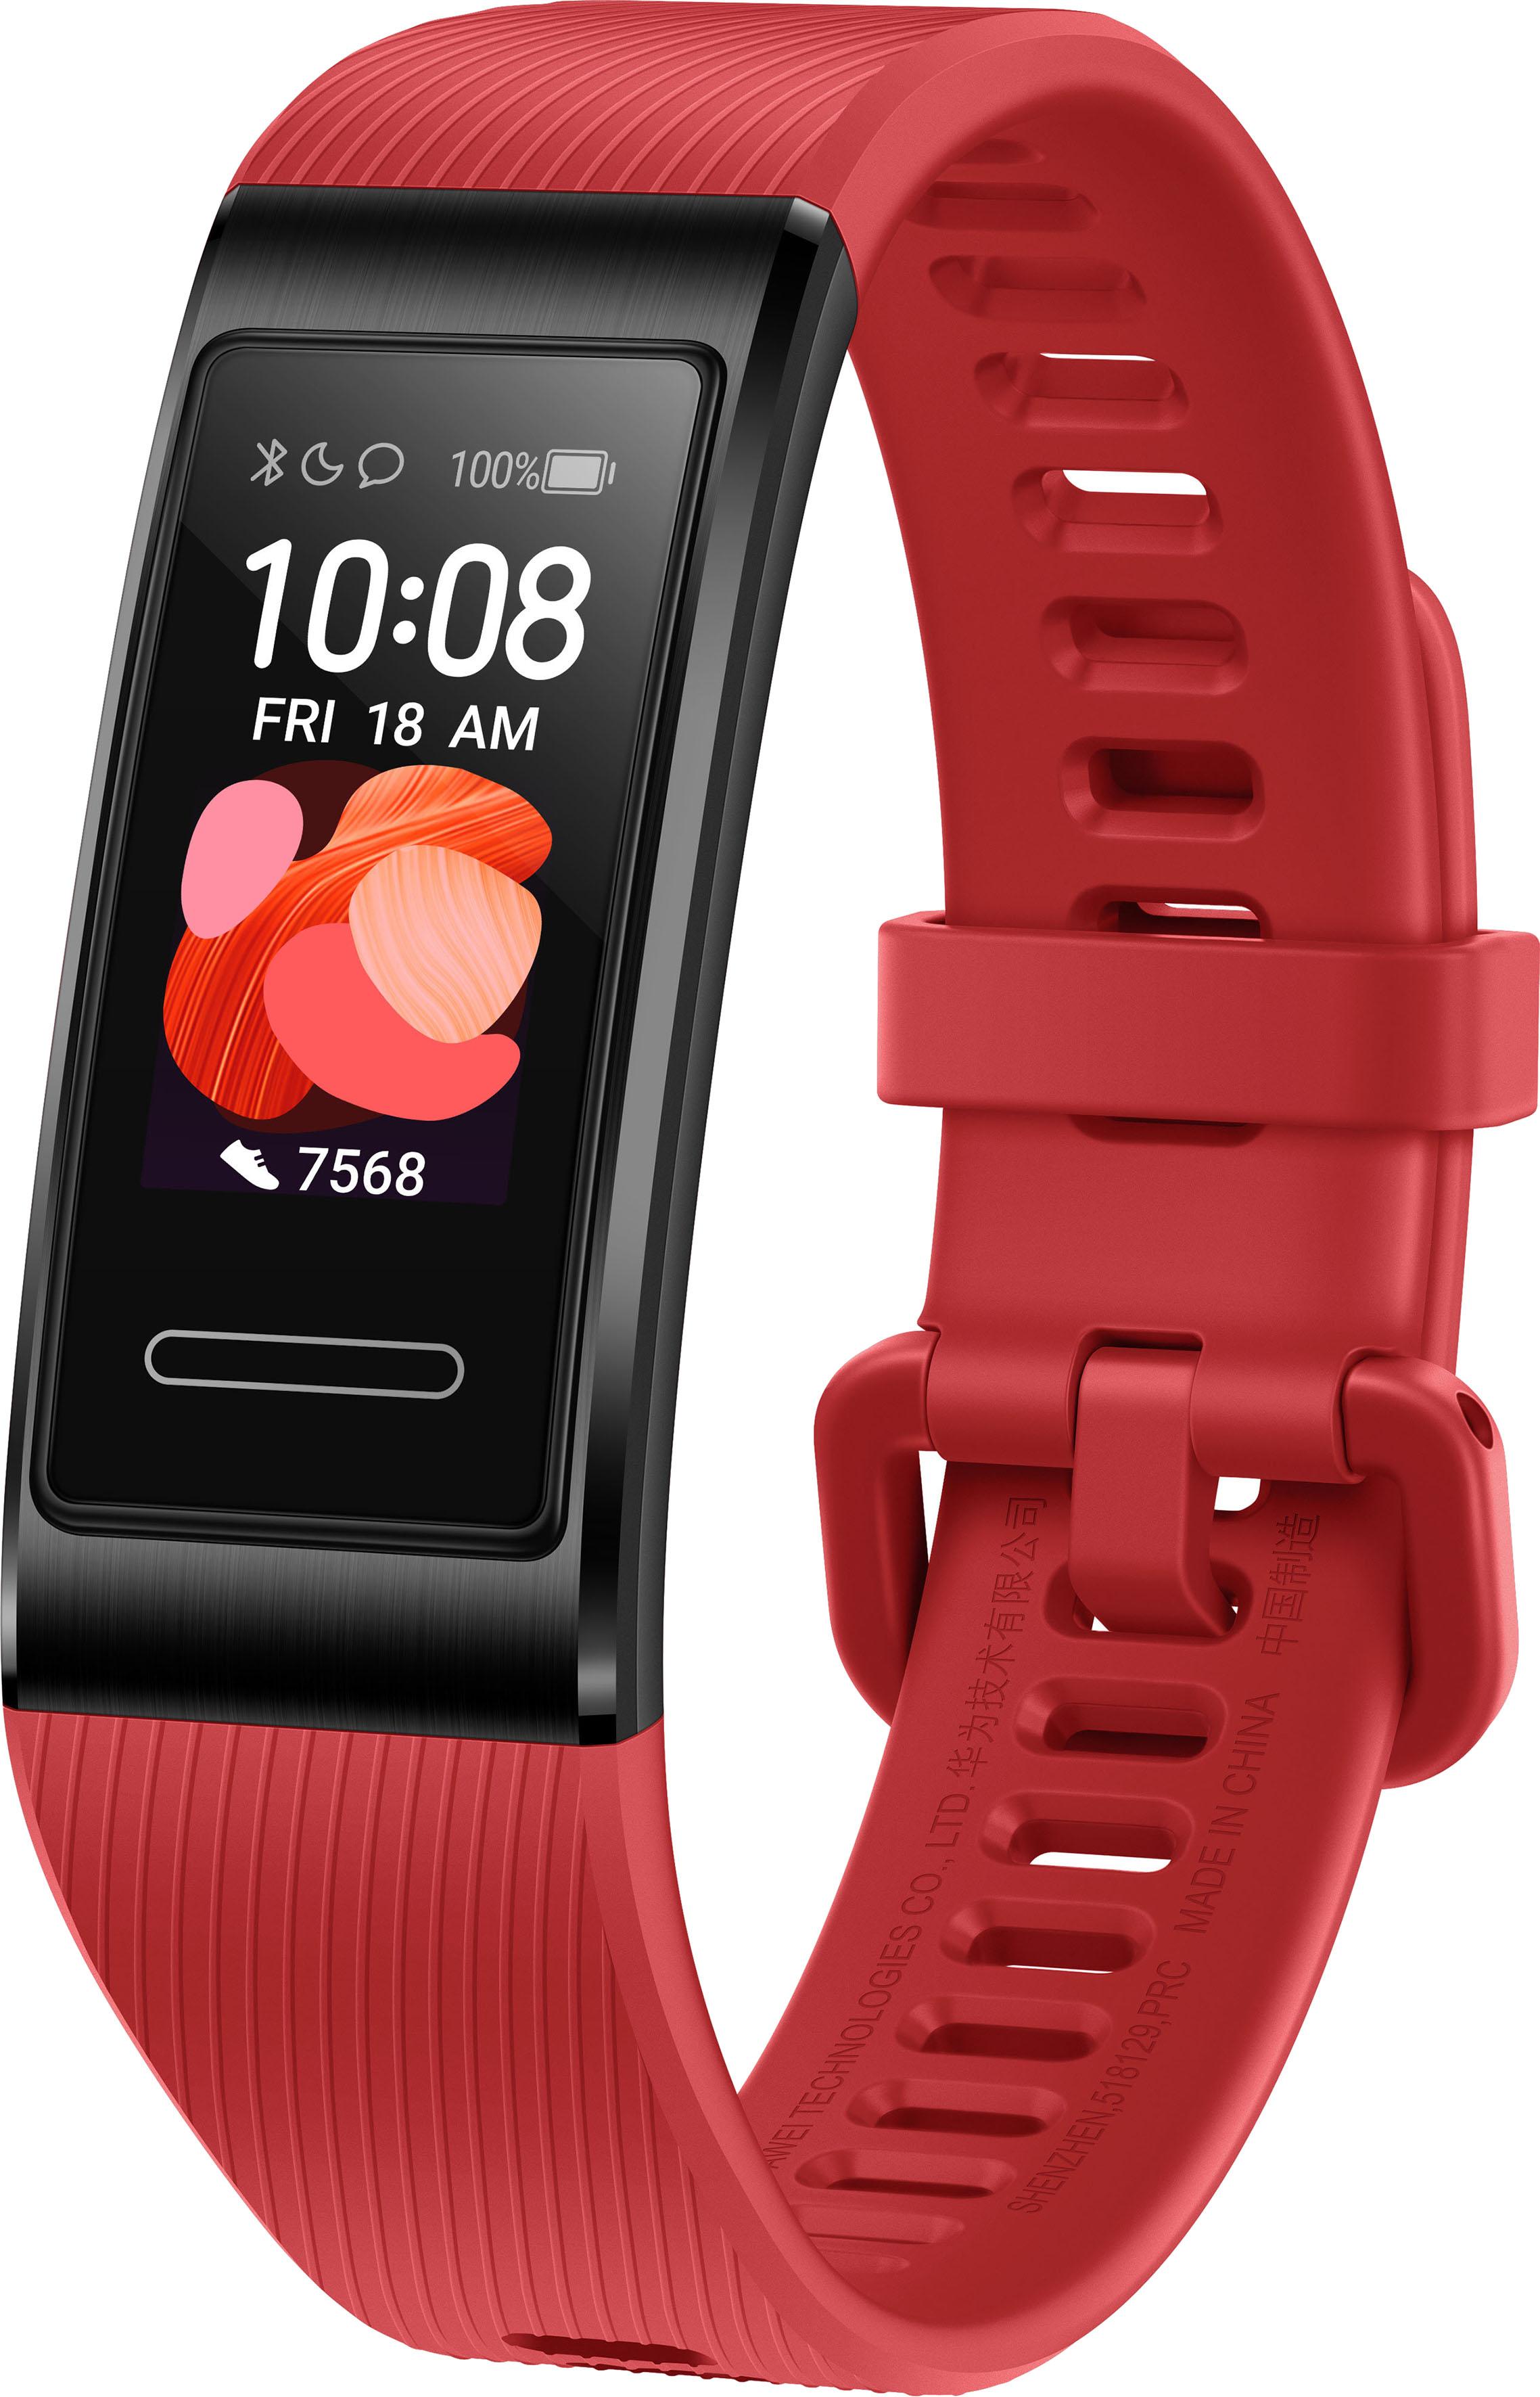 Huawei Band 4 Pro Smartwatch (2,41 cm / 0,95 Zoll) | Uhren > Smartwatches | Huawei